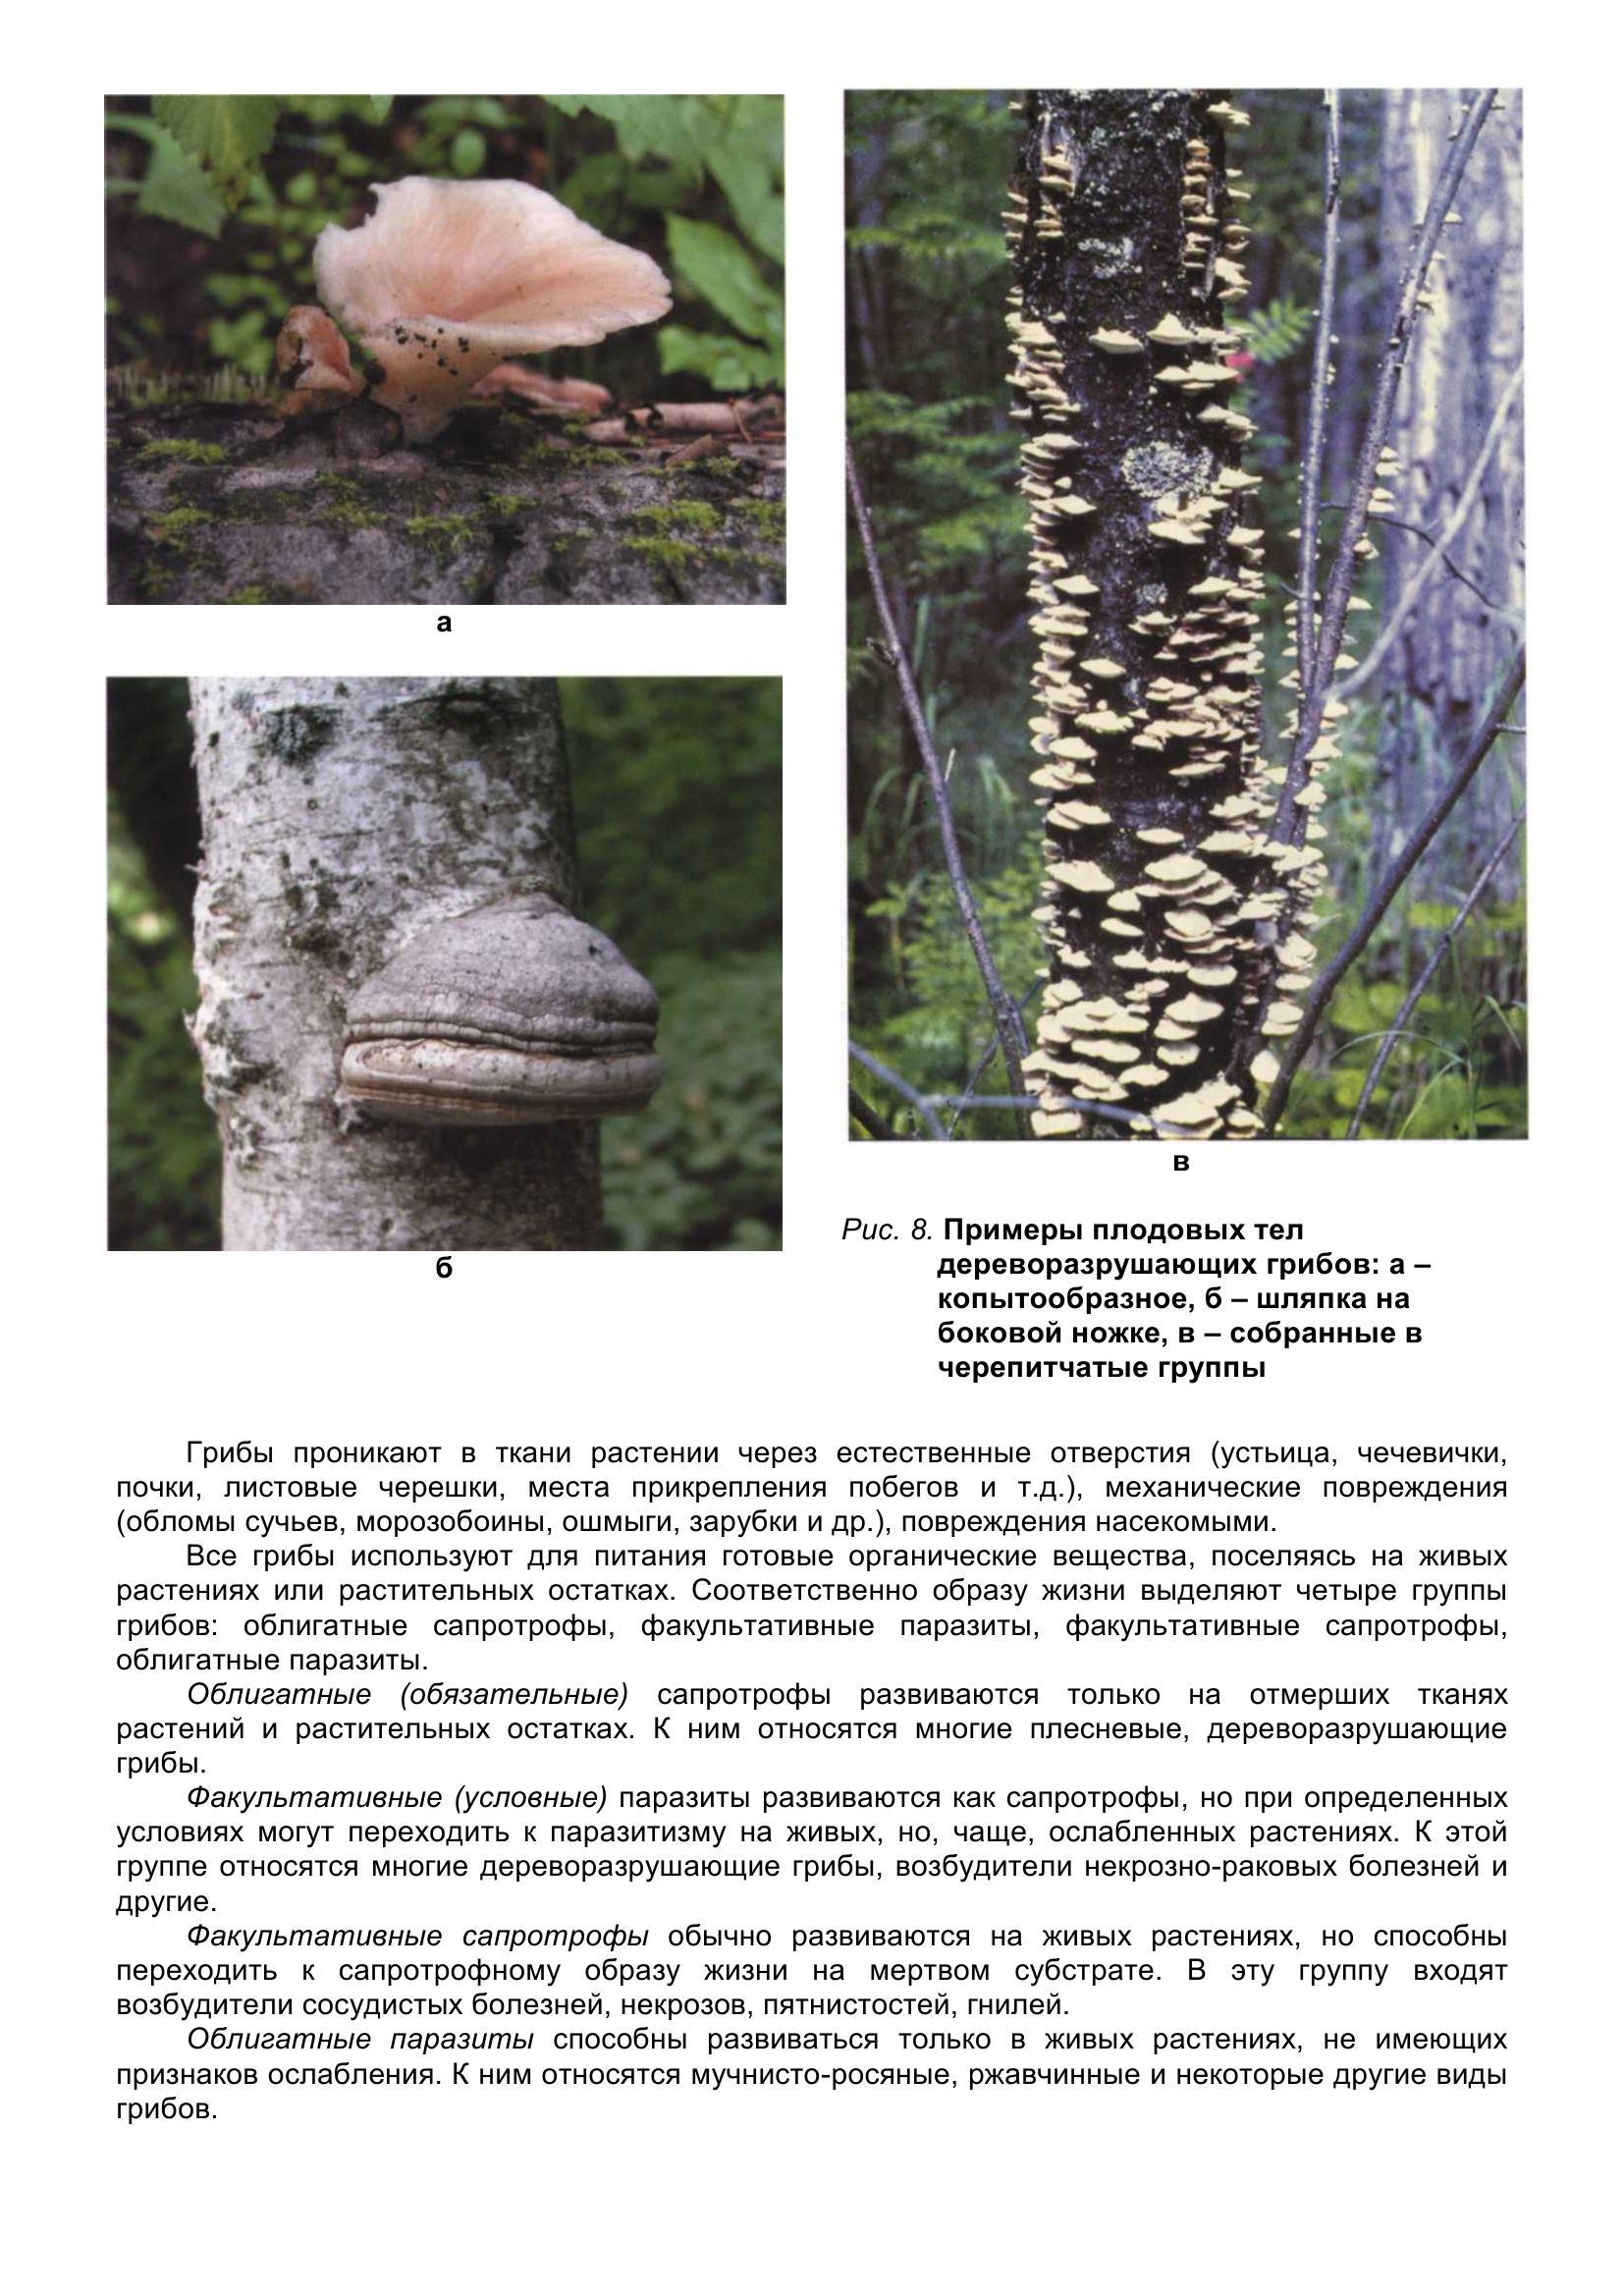 Болезни_древесных_растений_019.jpg